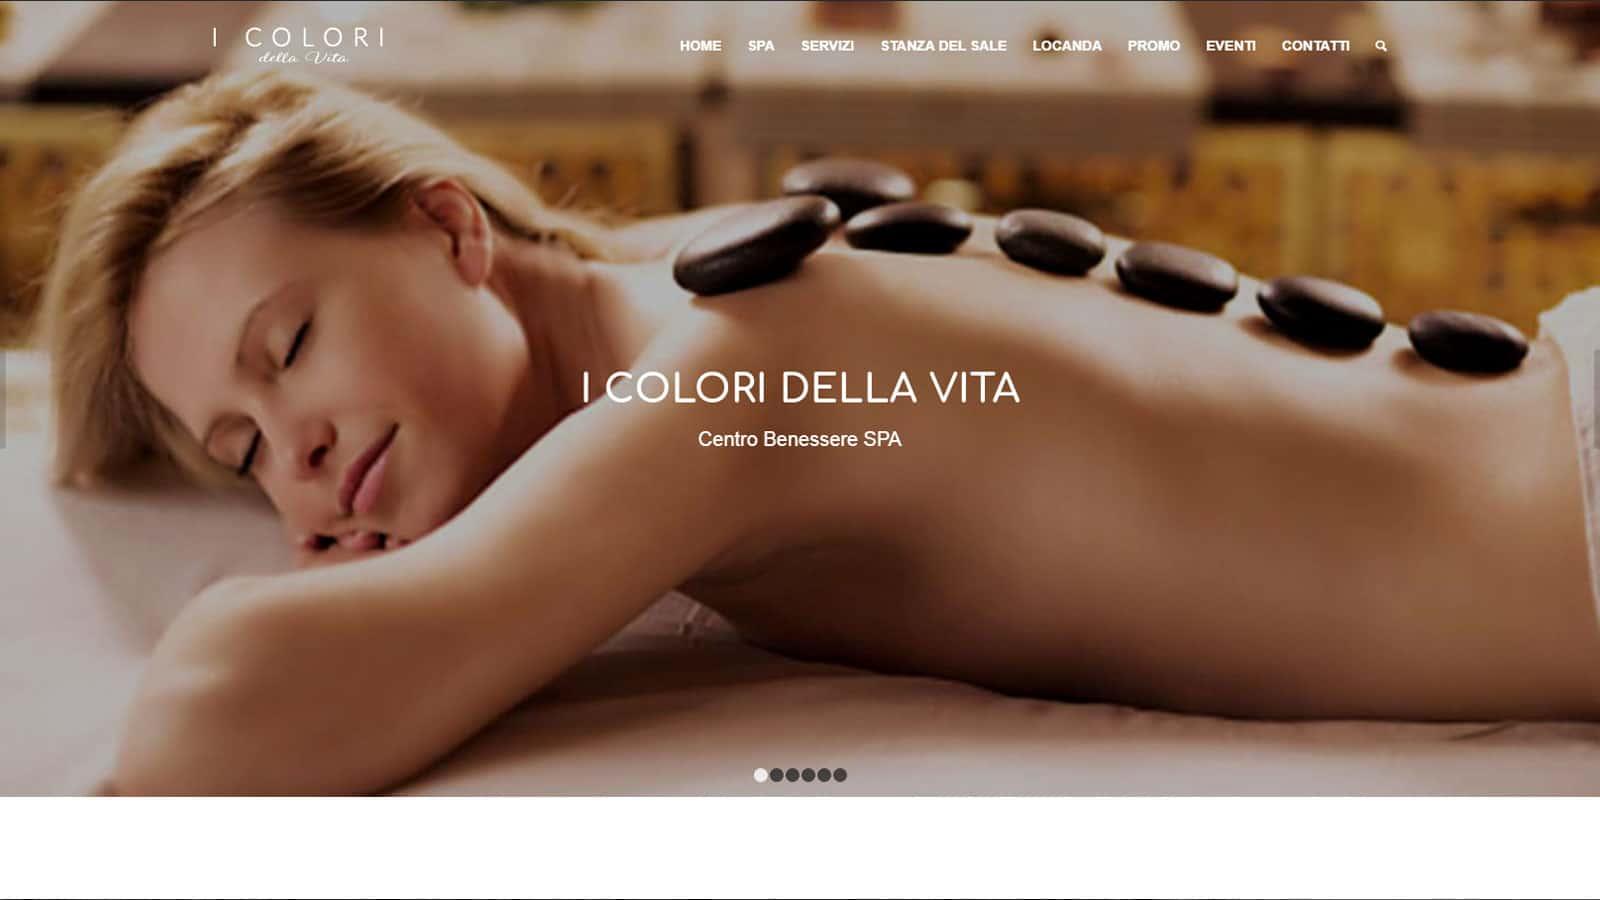 www.icoloridellavitabenessere.it